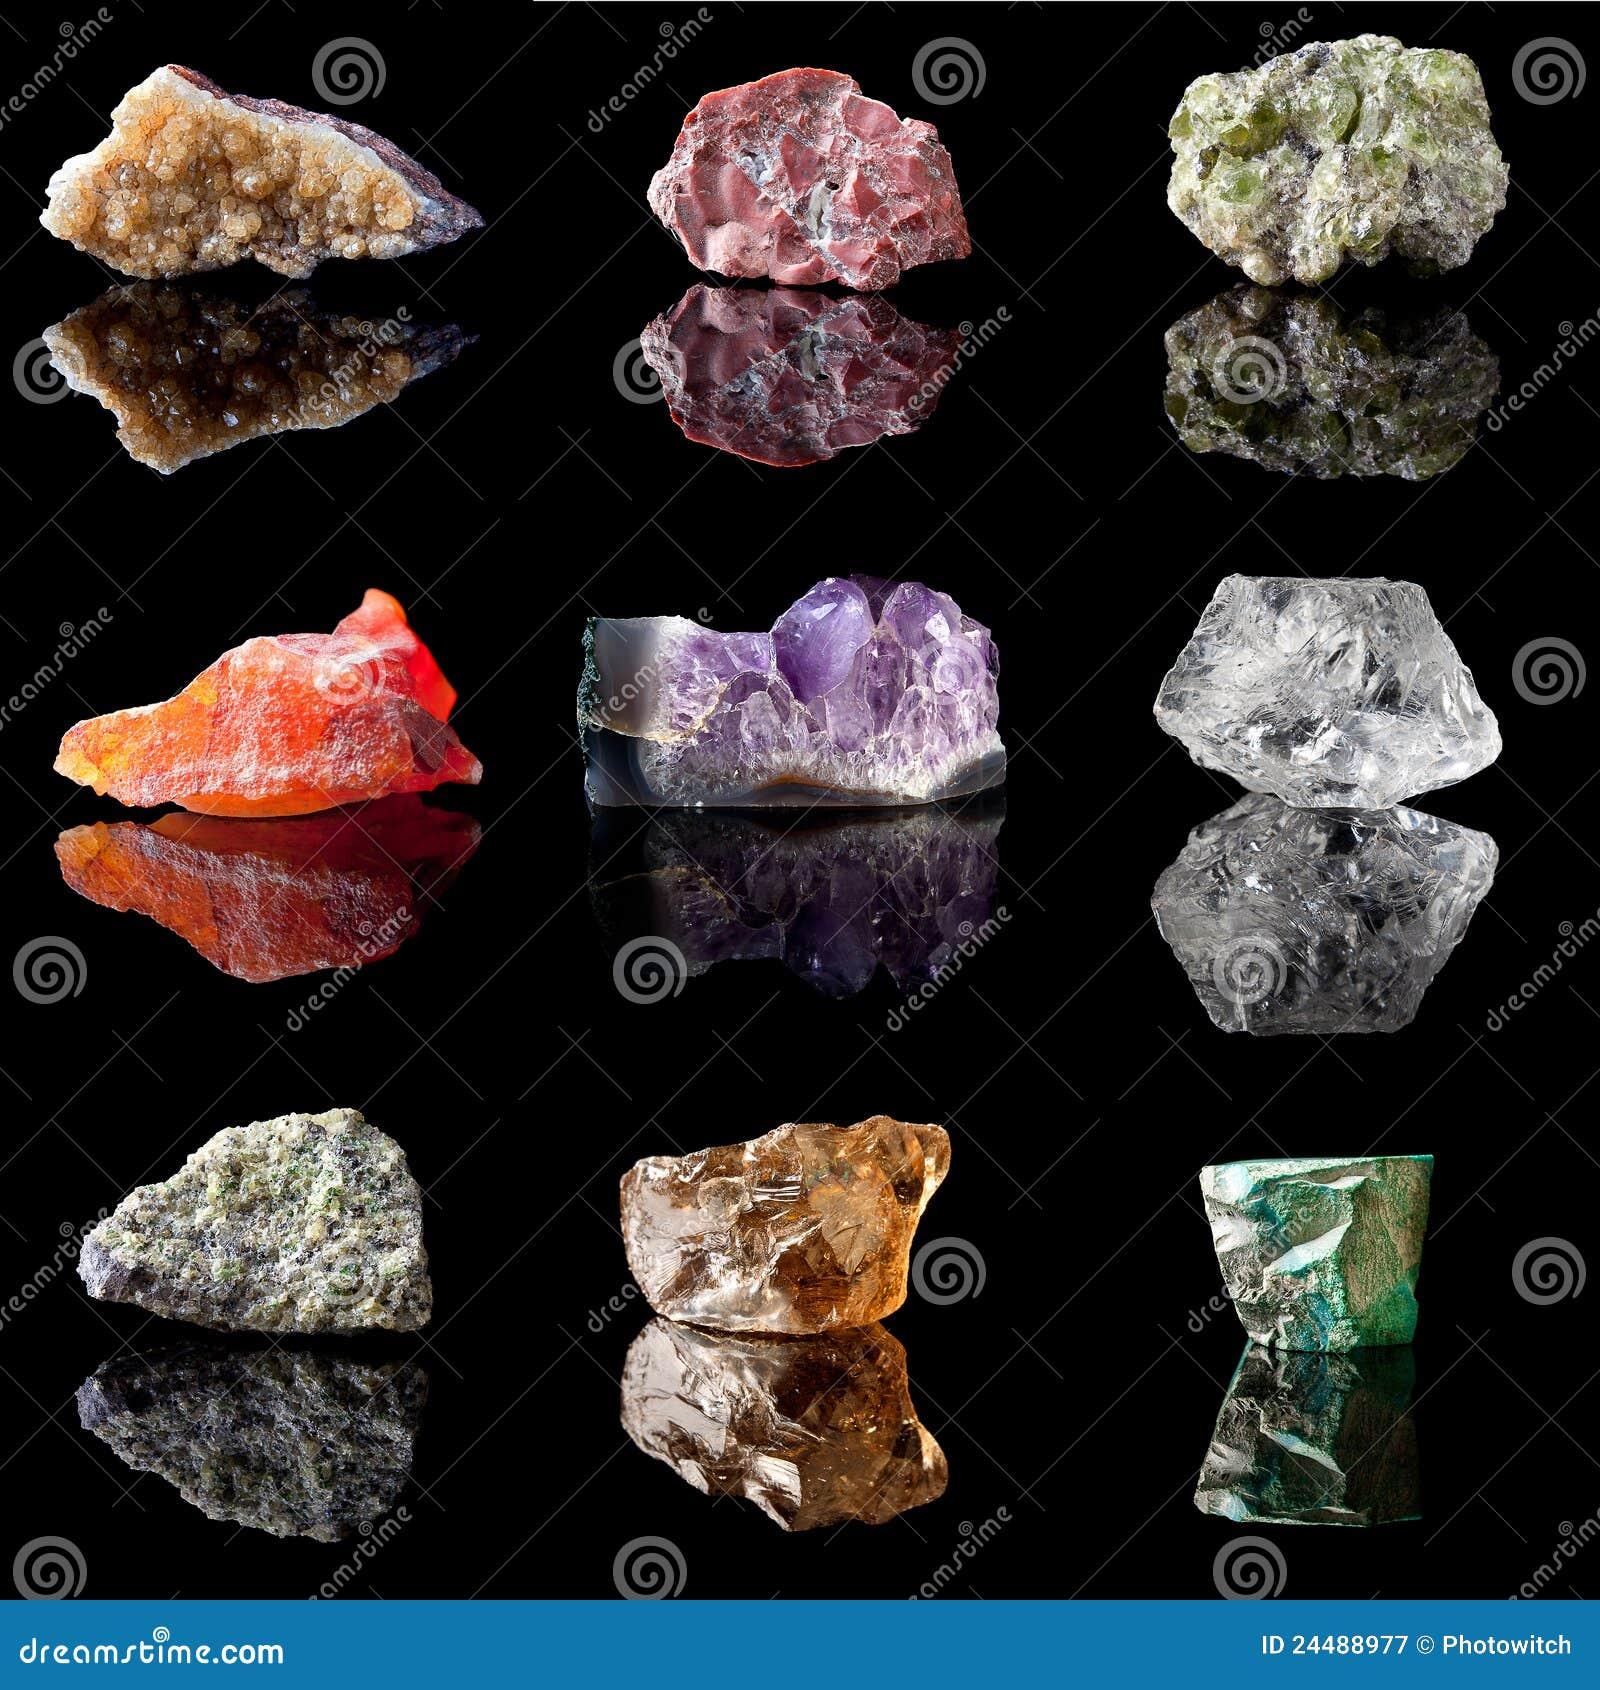 Semi Precious Gemstone Raw Stone : Birthstones and semi precious gemstones royalty free stock